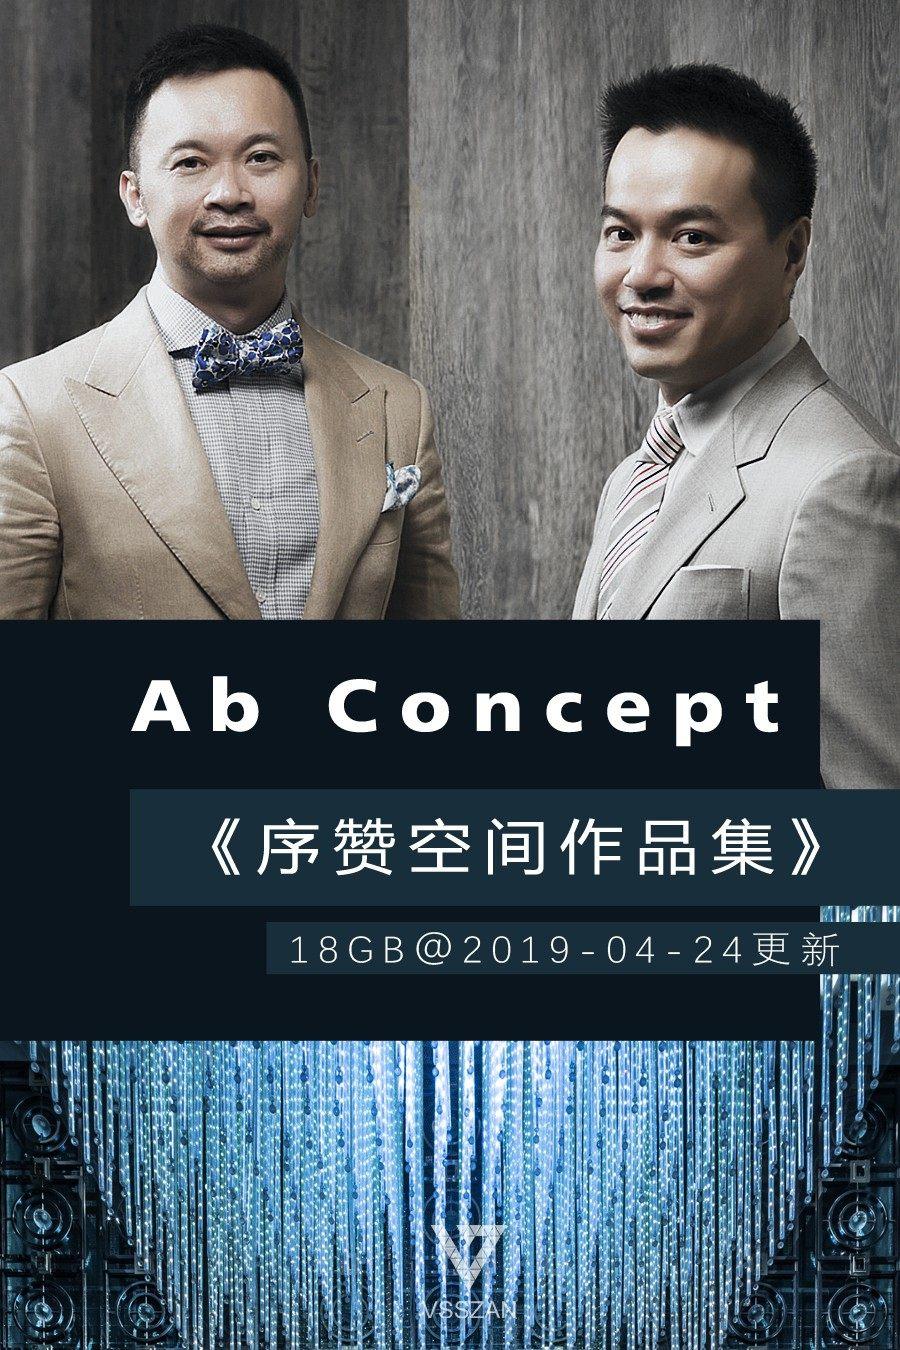 《序赞Ab Concept作品集》@20190424